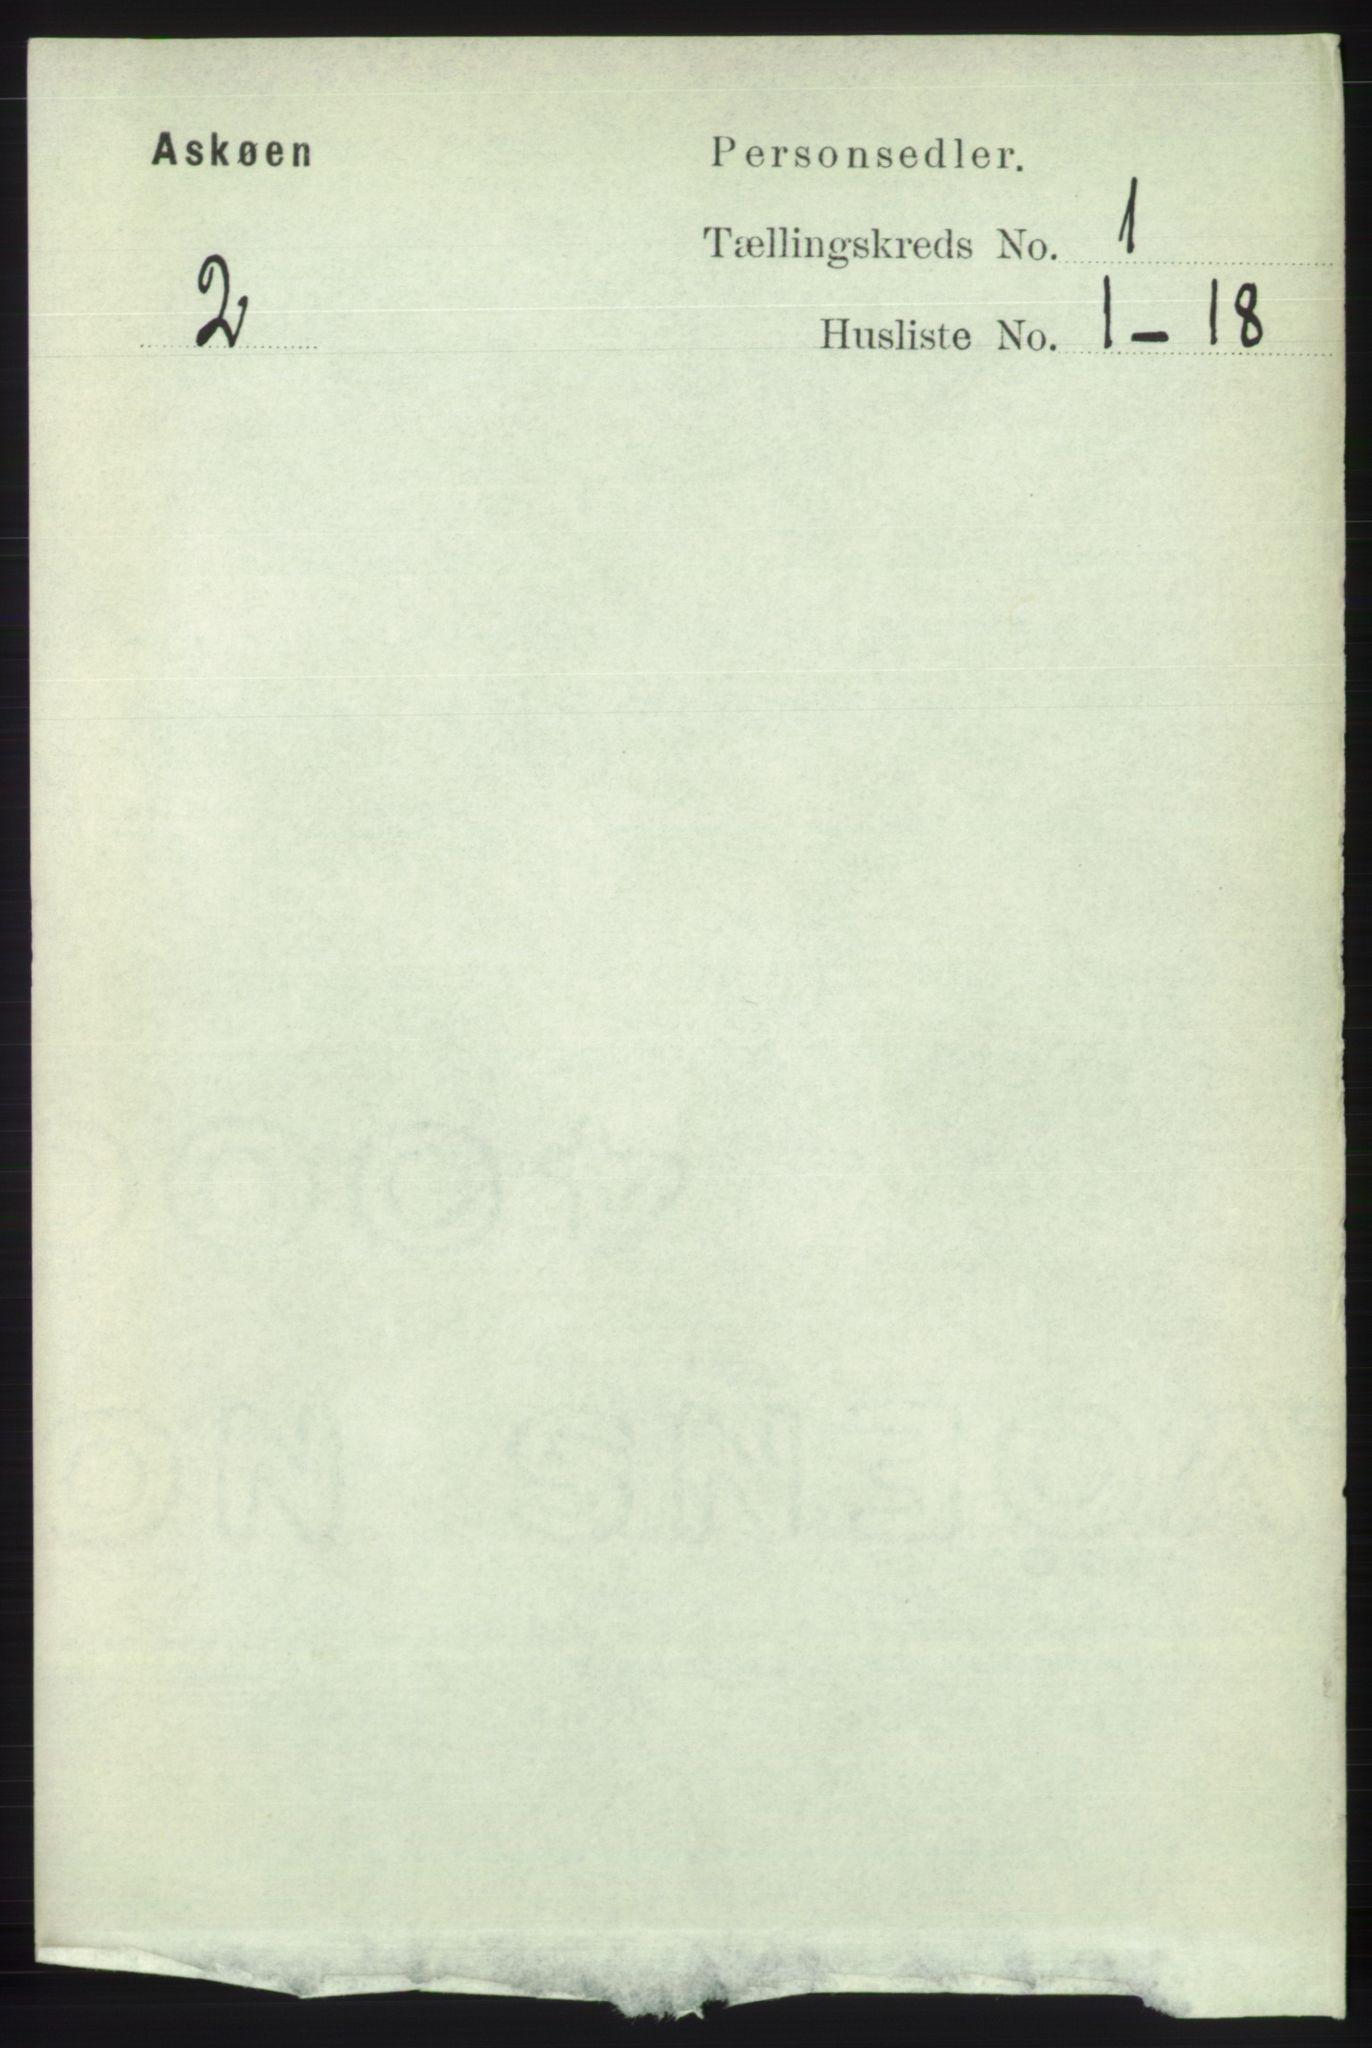 RA, Folketelling 1891 for 1247 Askøy herred, 1891, s. 111